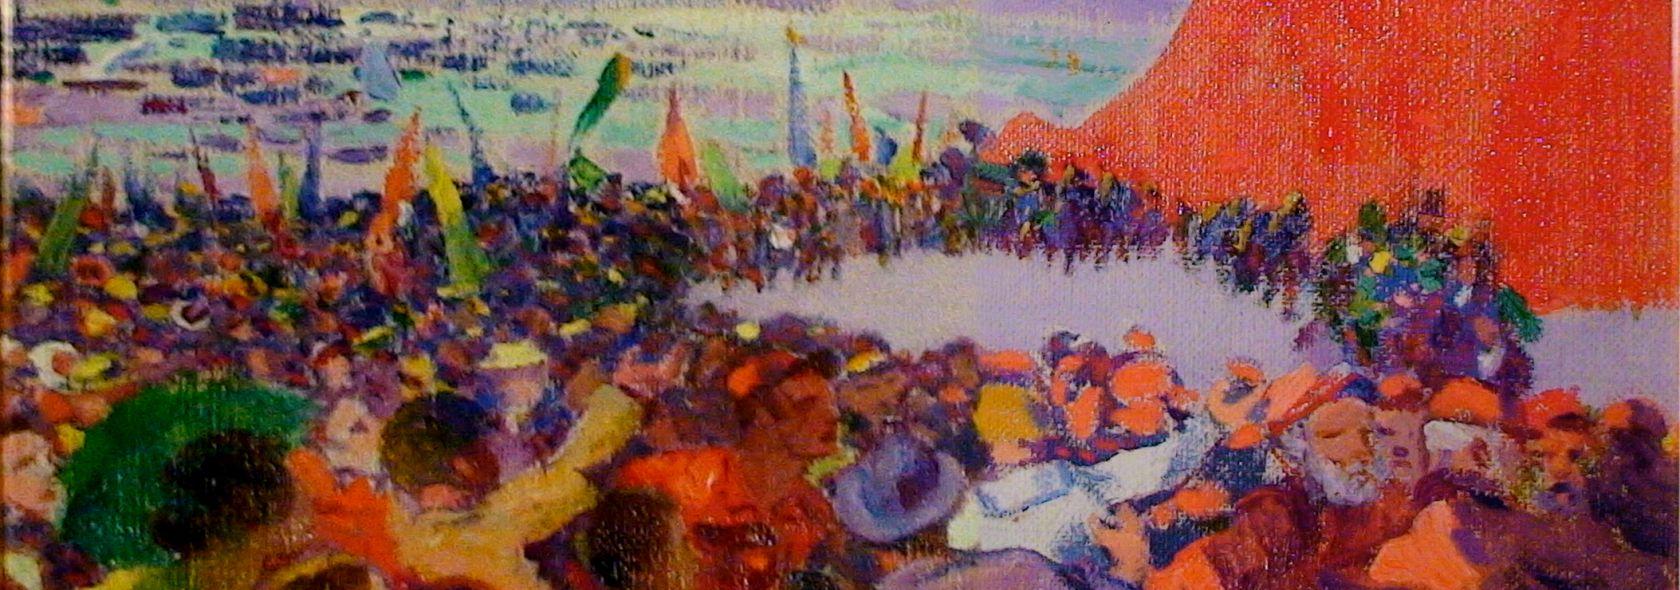 Plinio Nomellini - Quarto 5 maggio - olio su tela - 1915